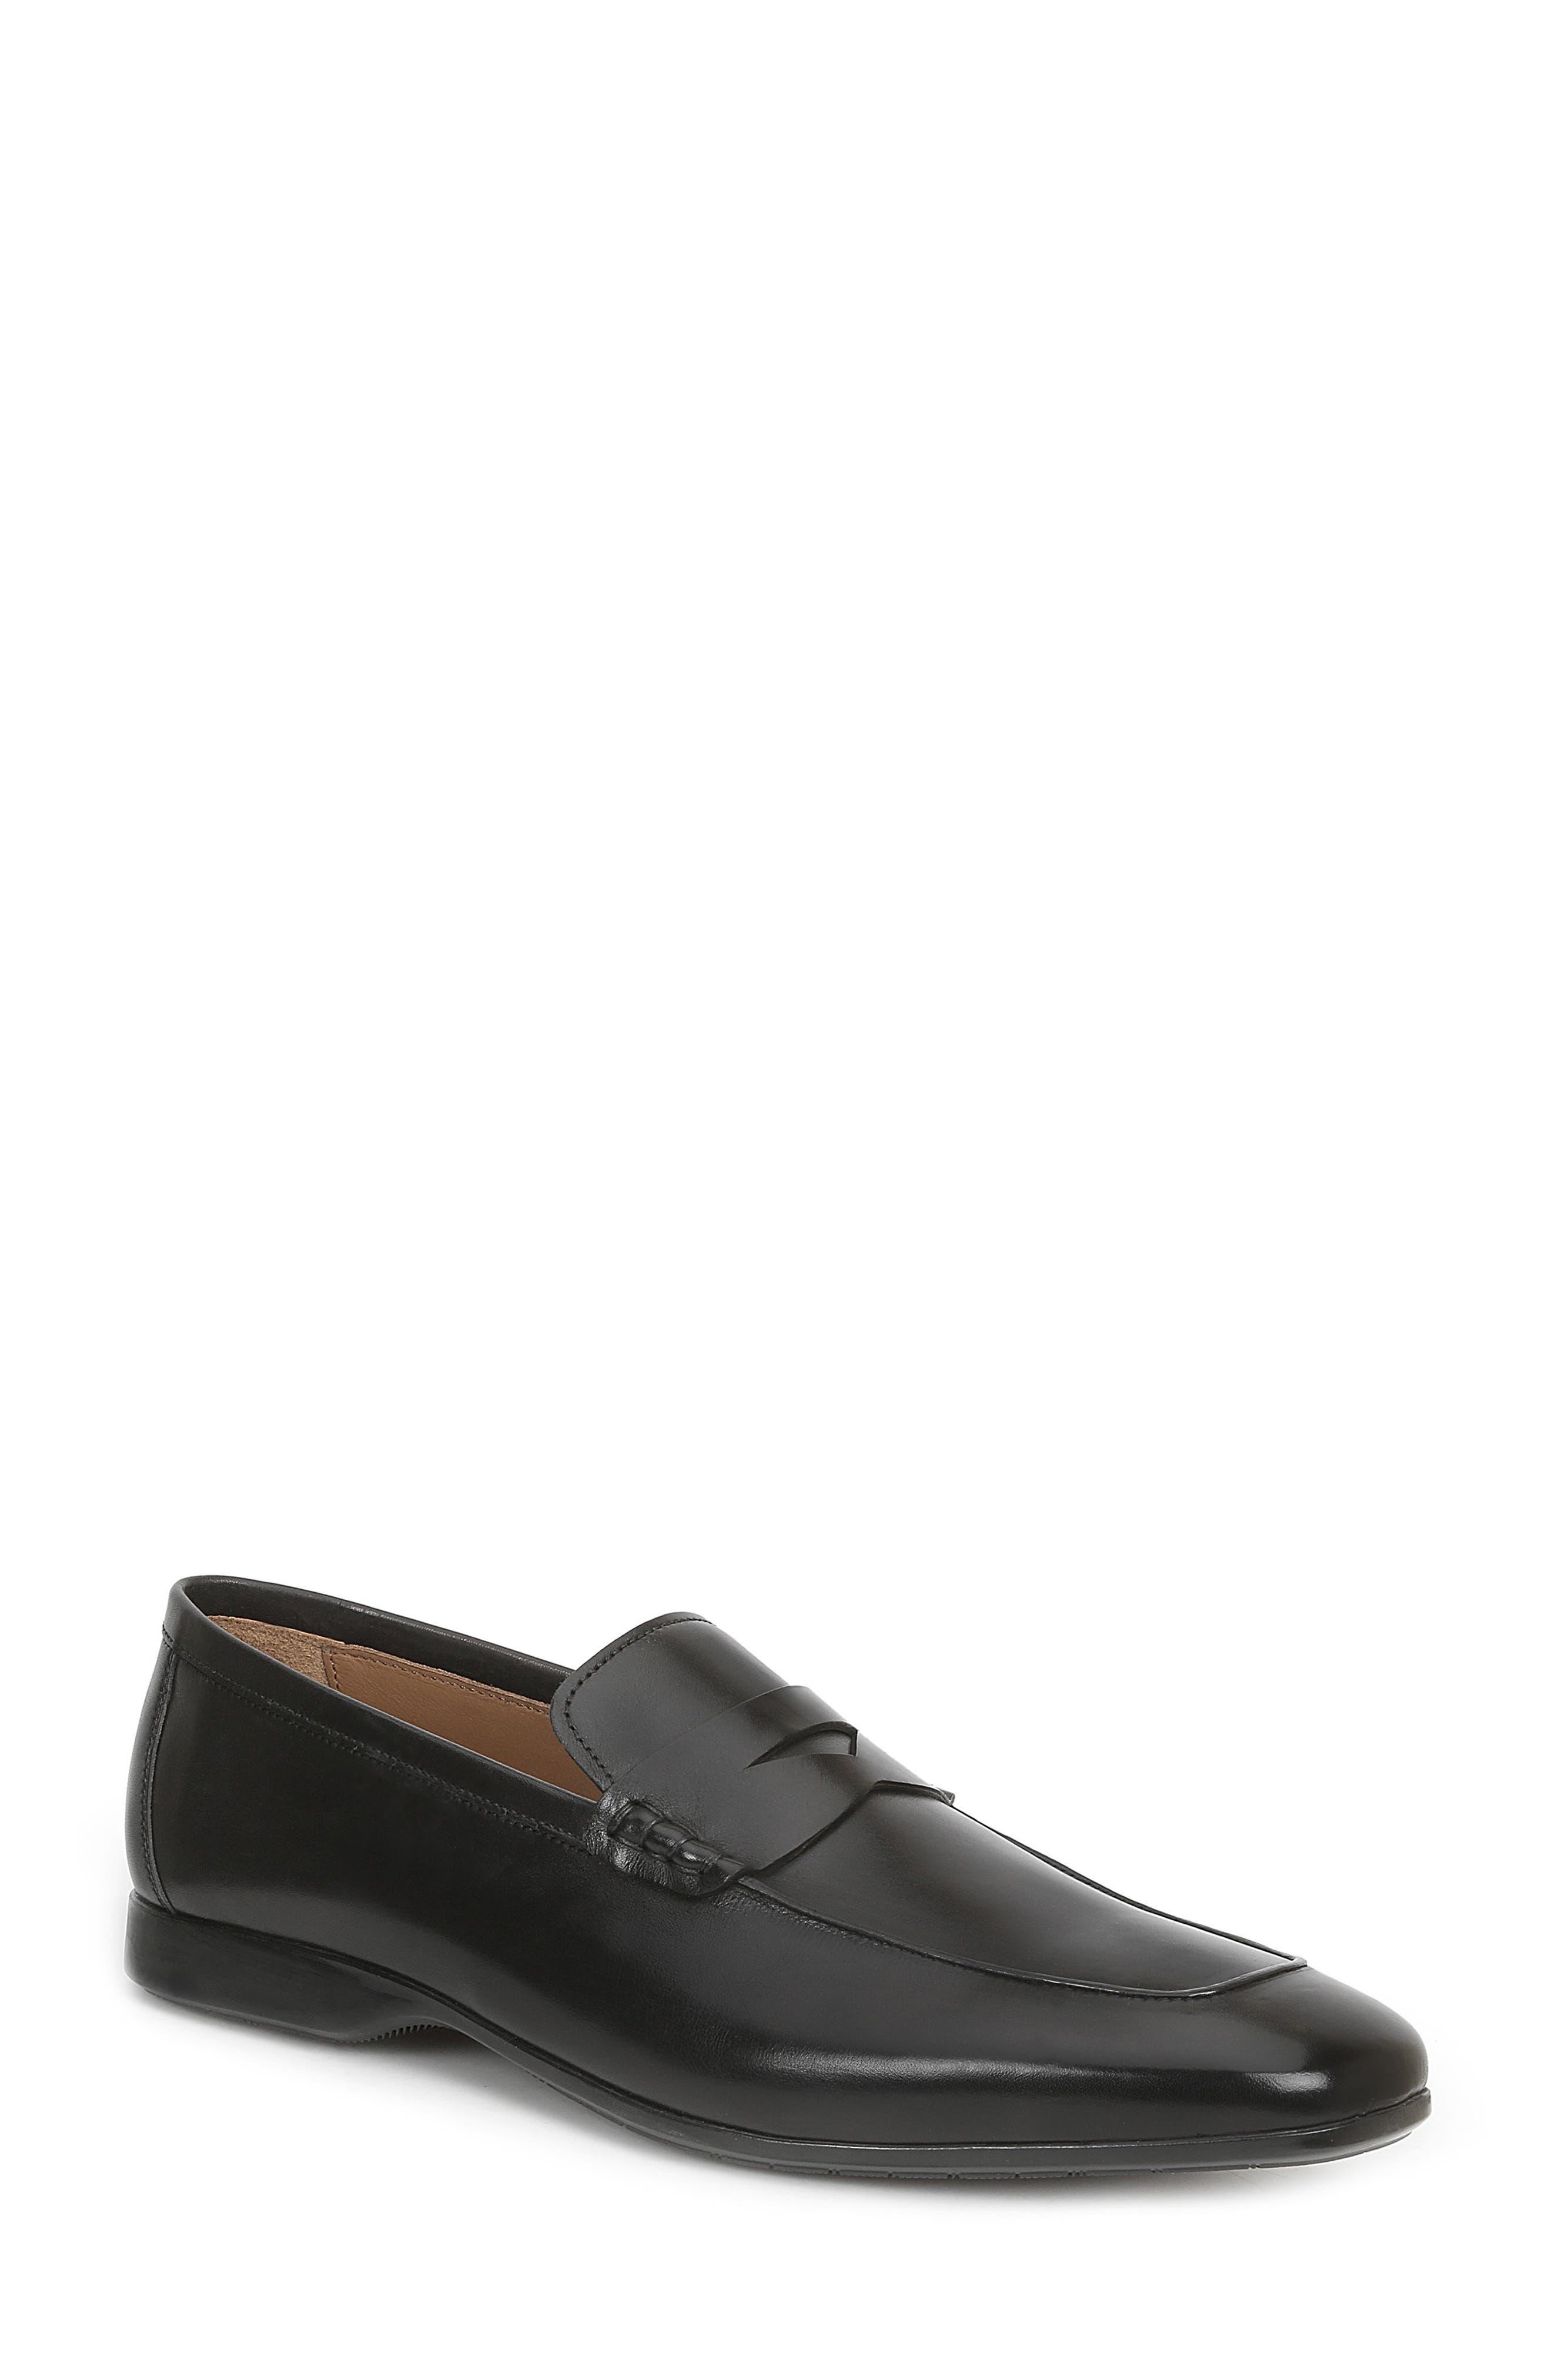 BRUNO MAGLI Men'S Brera Leather Apron Toe Loafers - 100% Exclusive in Black